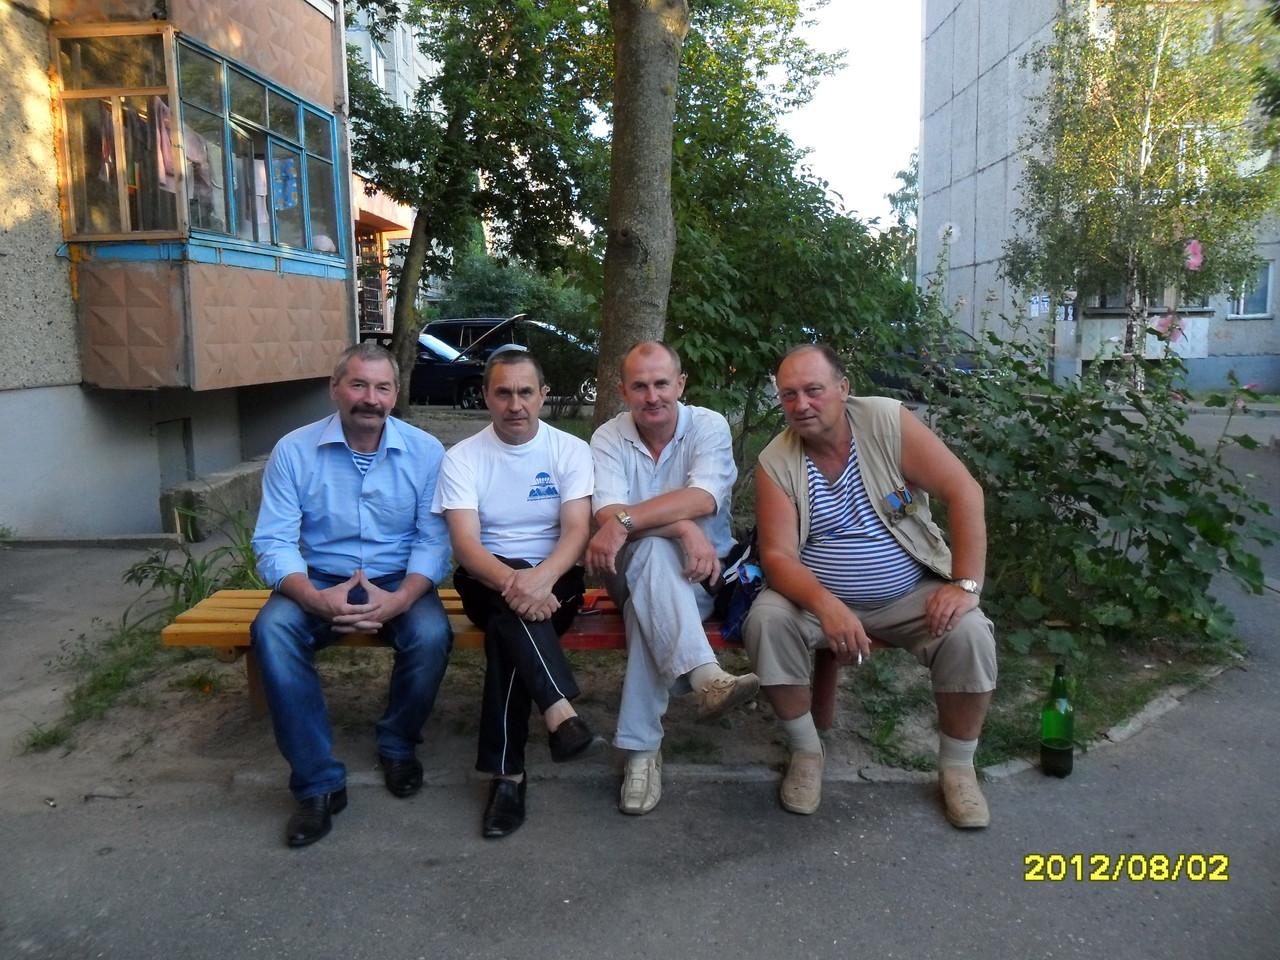 Командир разведгруппы В.Марченко (второй слева), связист Н.Есаулков (слева), И.Гусько и И.Нищенко - сержанты